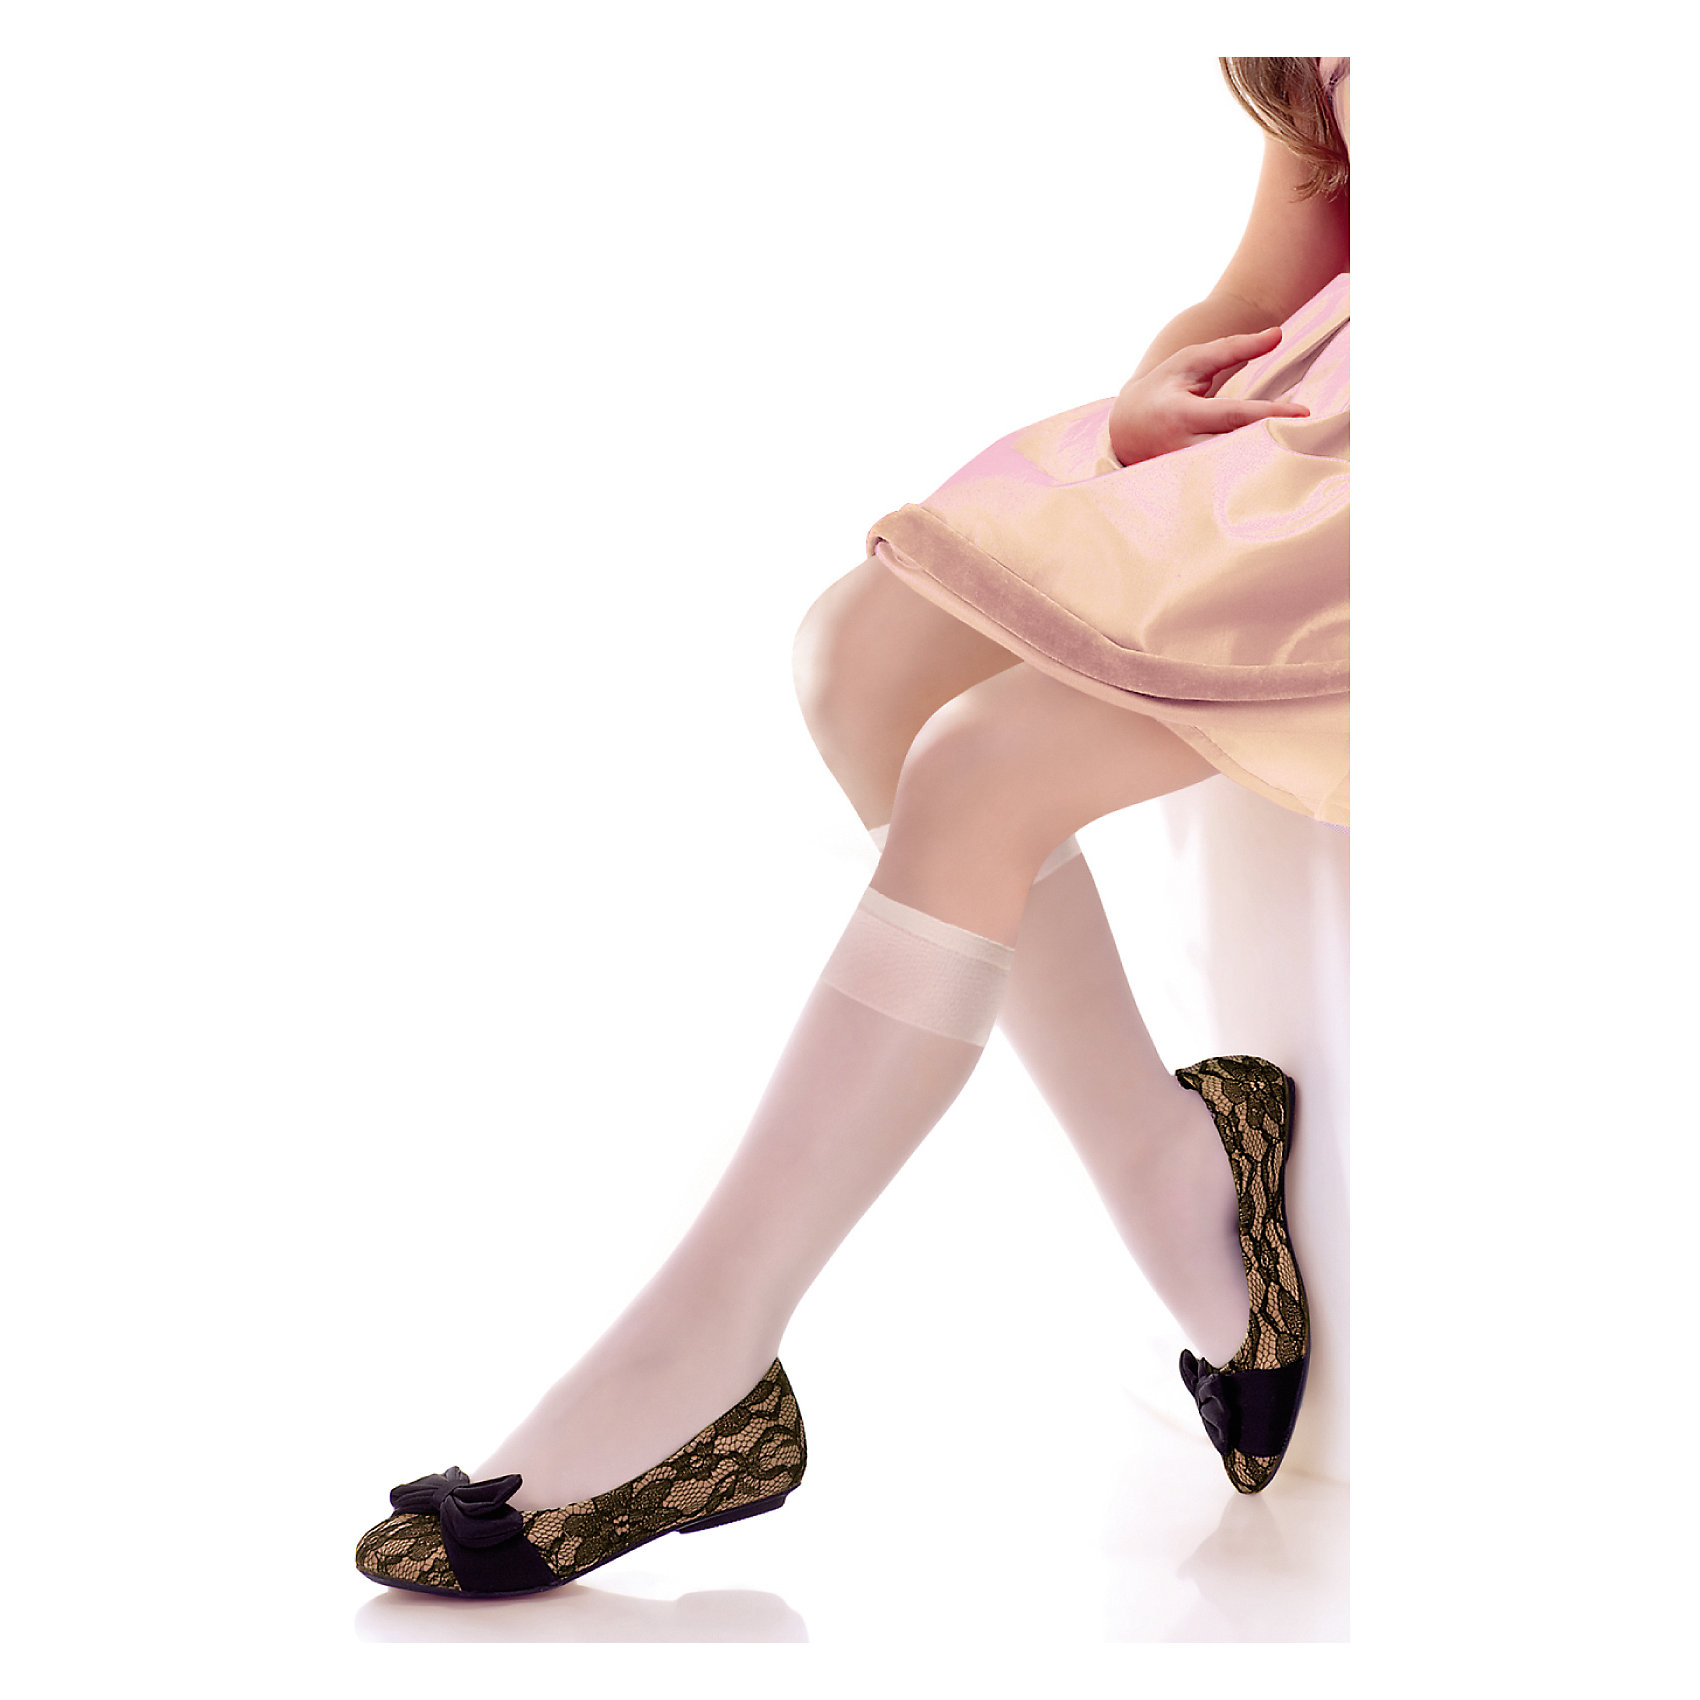 Гольфы для девочки KnittexКолготки<br>Гольфы для девочки Knittex<br>Классические однотонные  гольфы плотностью 15 den. Широкая комфортная резинка, не сдавливающая ногу.  Укрепленный мысок.  Длина изделия - до колена. 2 пары в упаковке<br>Состав:<br>полиамид 85%, эластан 15%<br><br>Ширина мм: 87<br>Глубина мм: 10<br>Высота мм: 105<br>Вес г: 115<br>Цвет: белый<br>Возраст от месяцев: 84<br>Возраст до месяцев: 96<br>Пол: Женский<br>Возраст: Детский<br>Размер: 18-22<br>SKU: 6837372